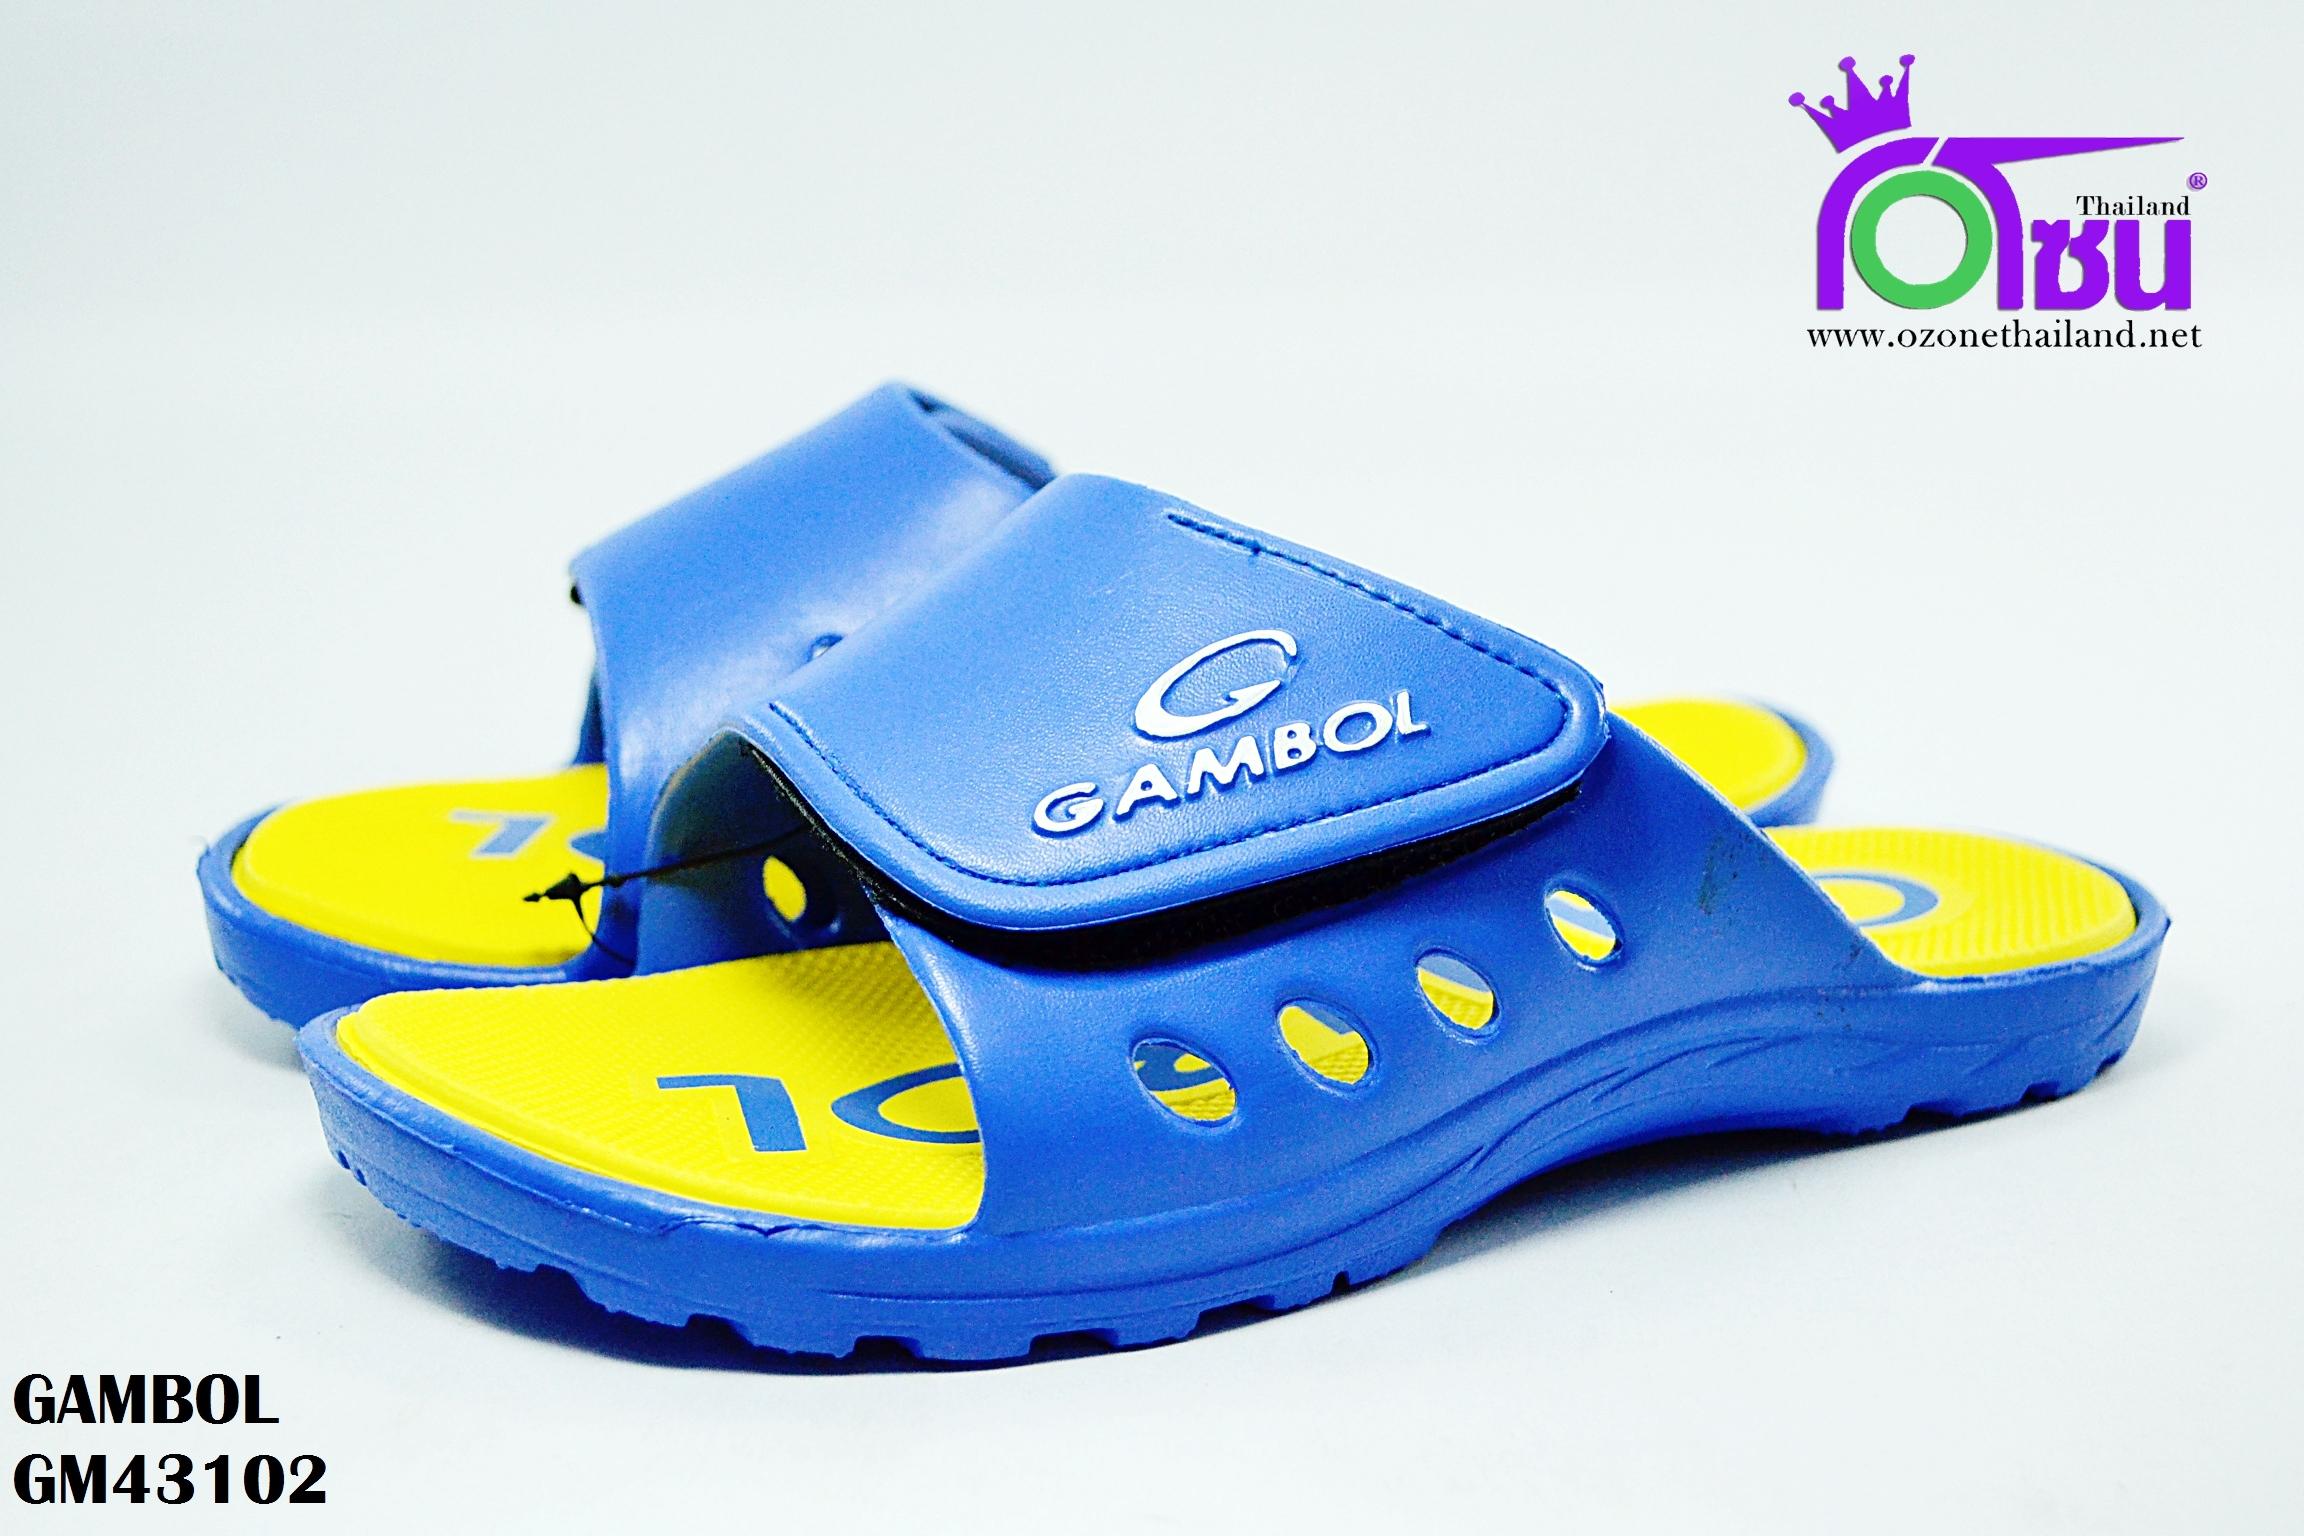 รองเท้าแตะ GAMBOL แกมโบล รุ่น GM 43102 สีน้ำเงิน/เหลือง เบอร์ 4-9